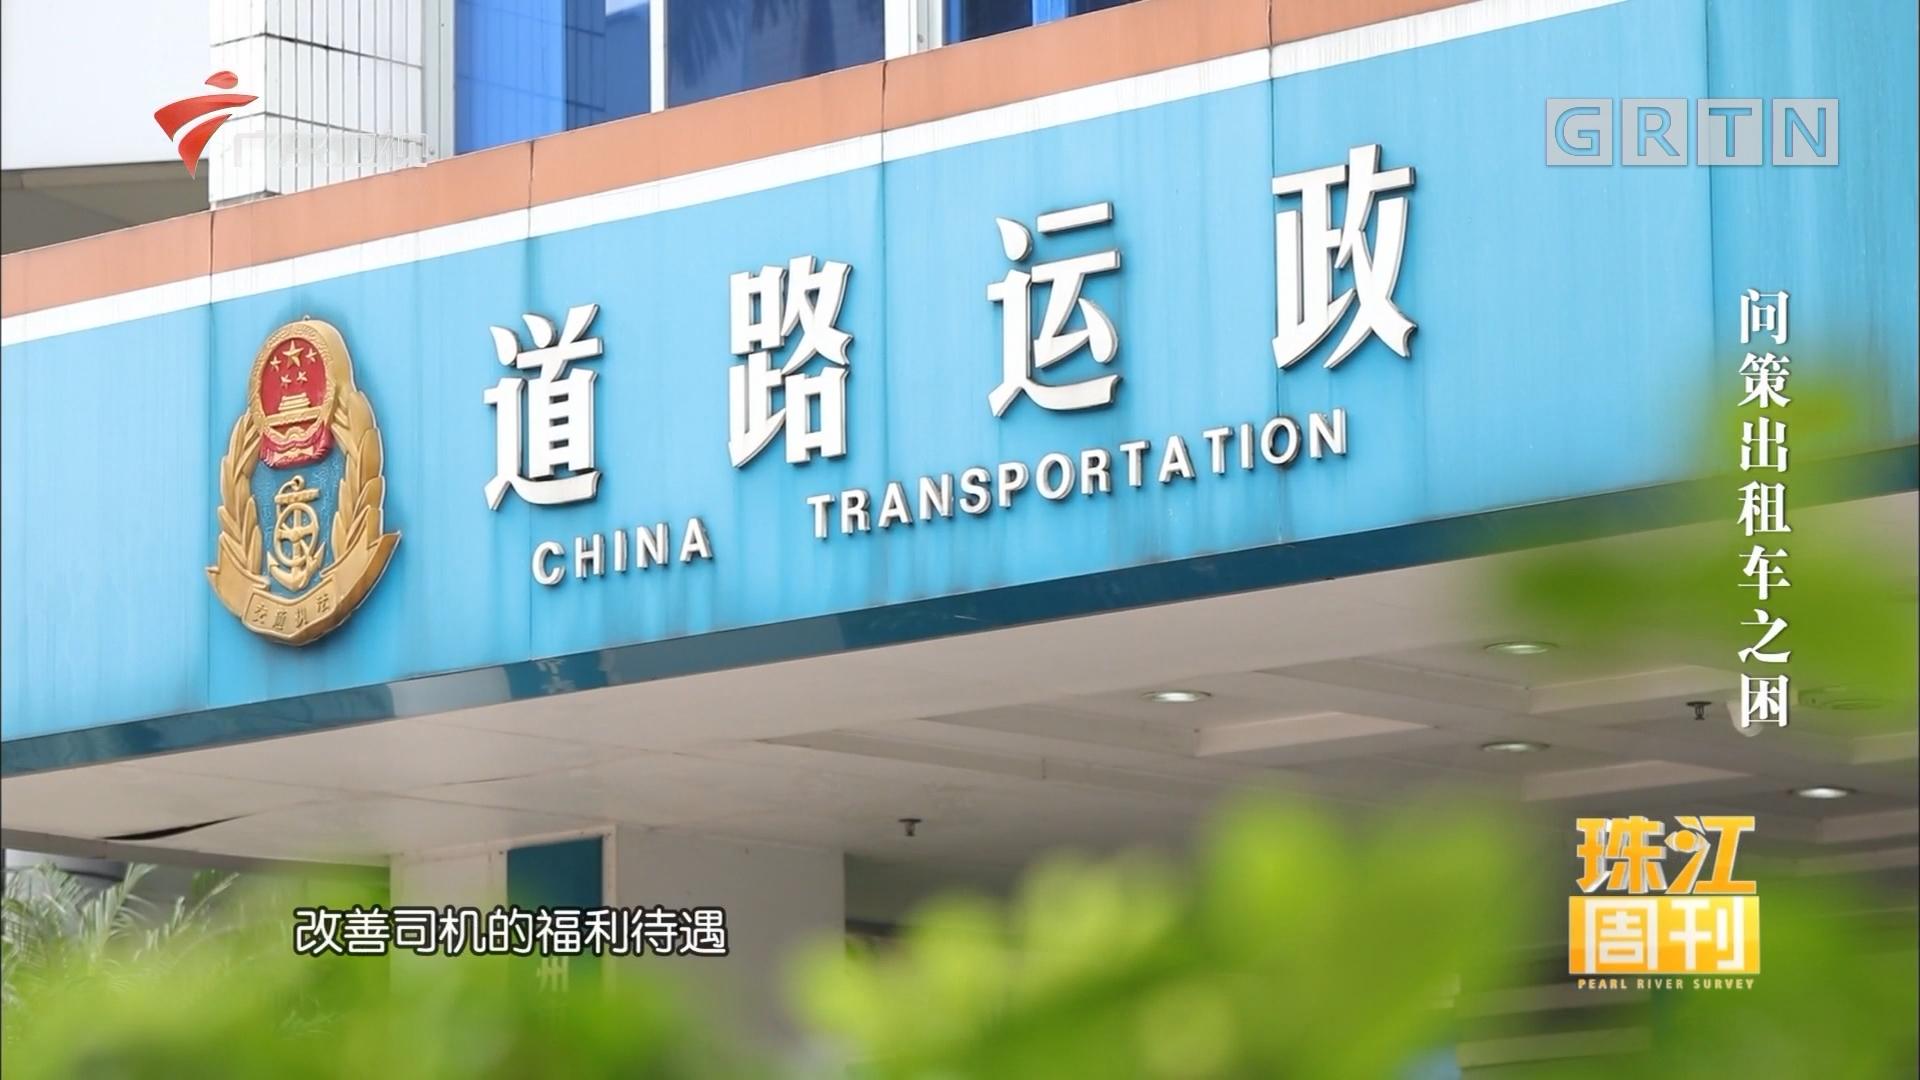 [HD][2019-07-28]珠江周刊:問策出租車之困